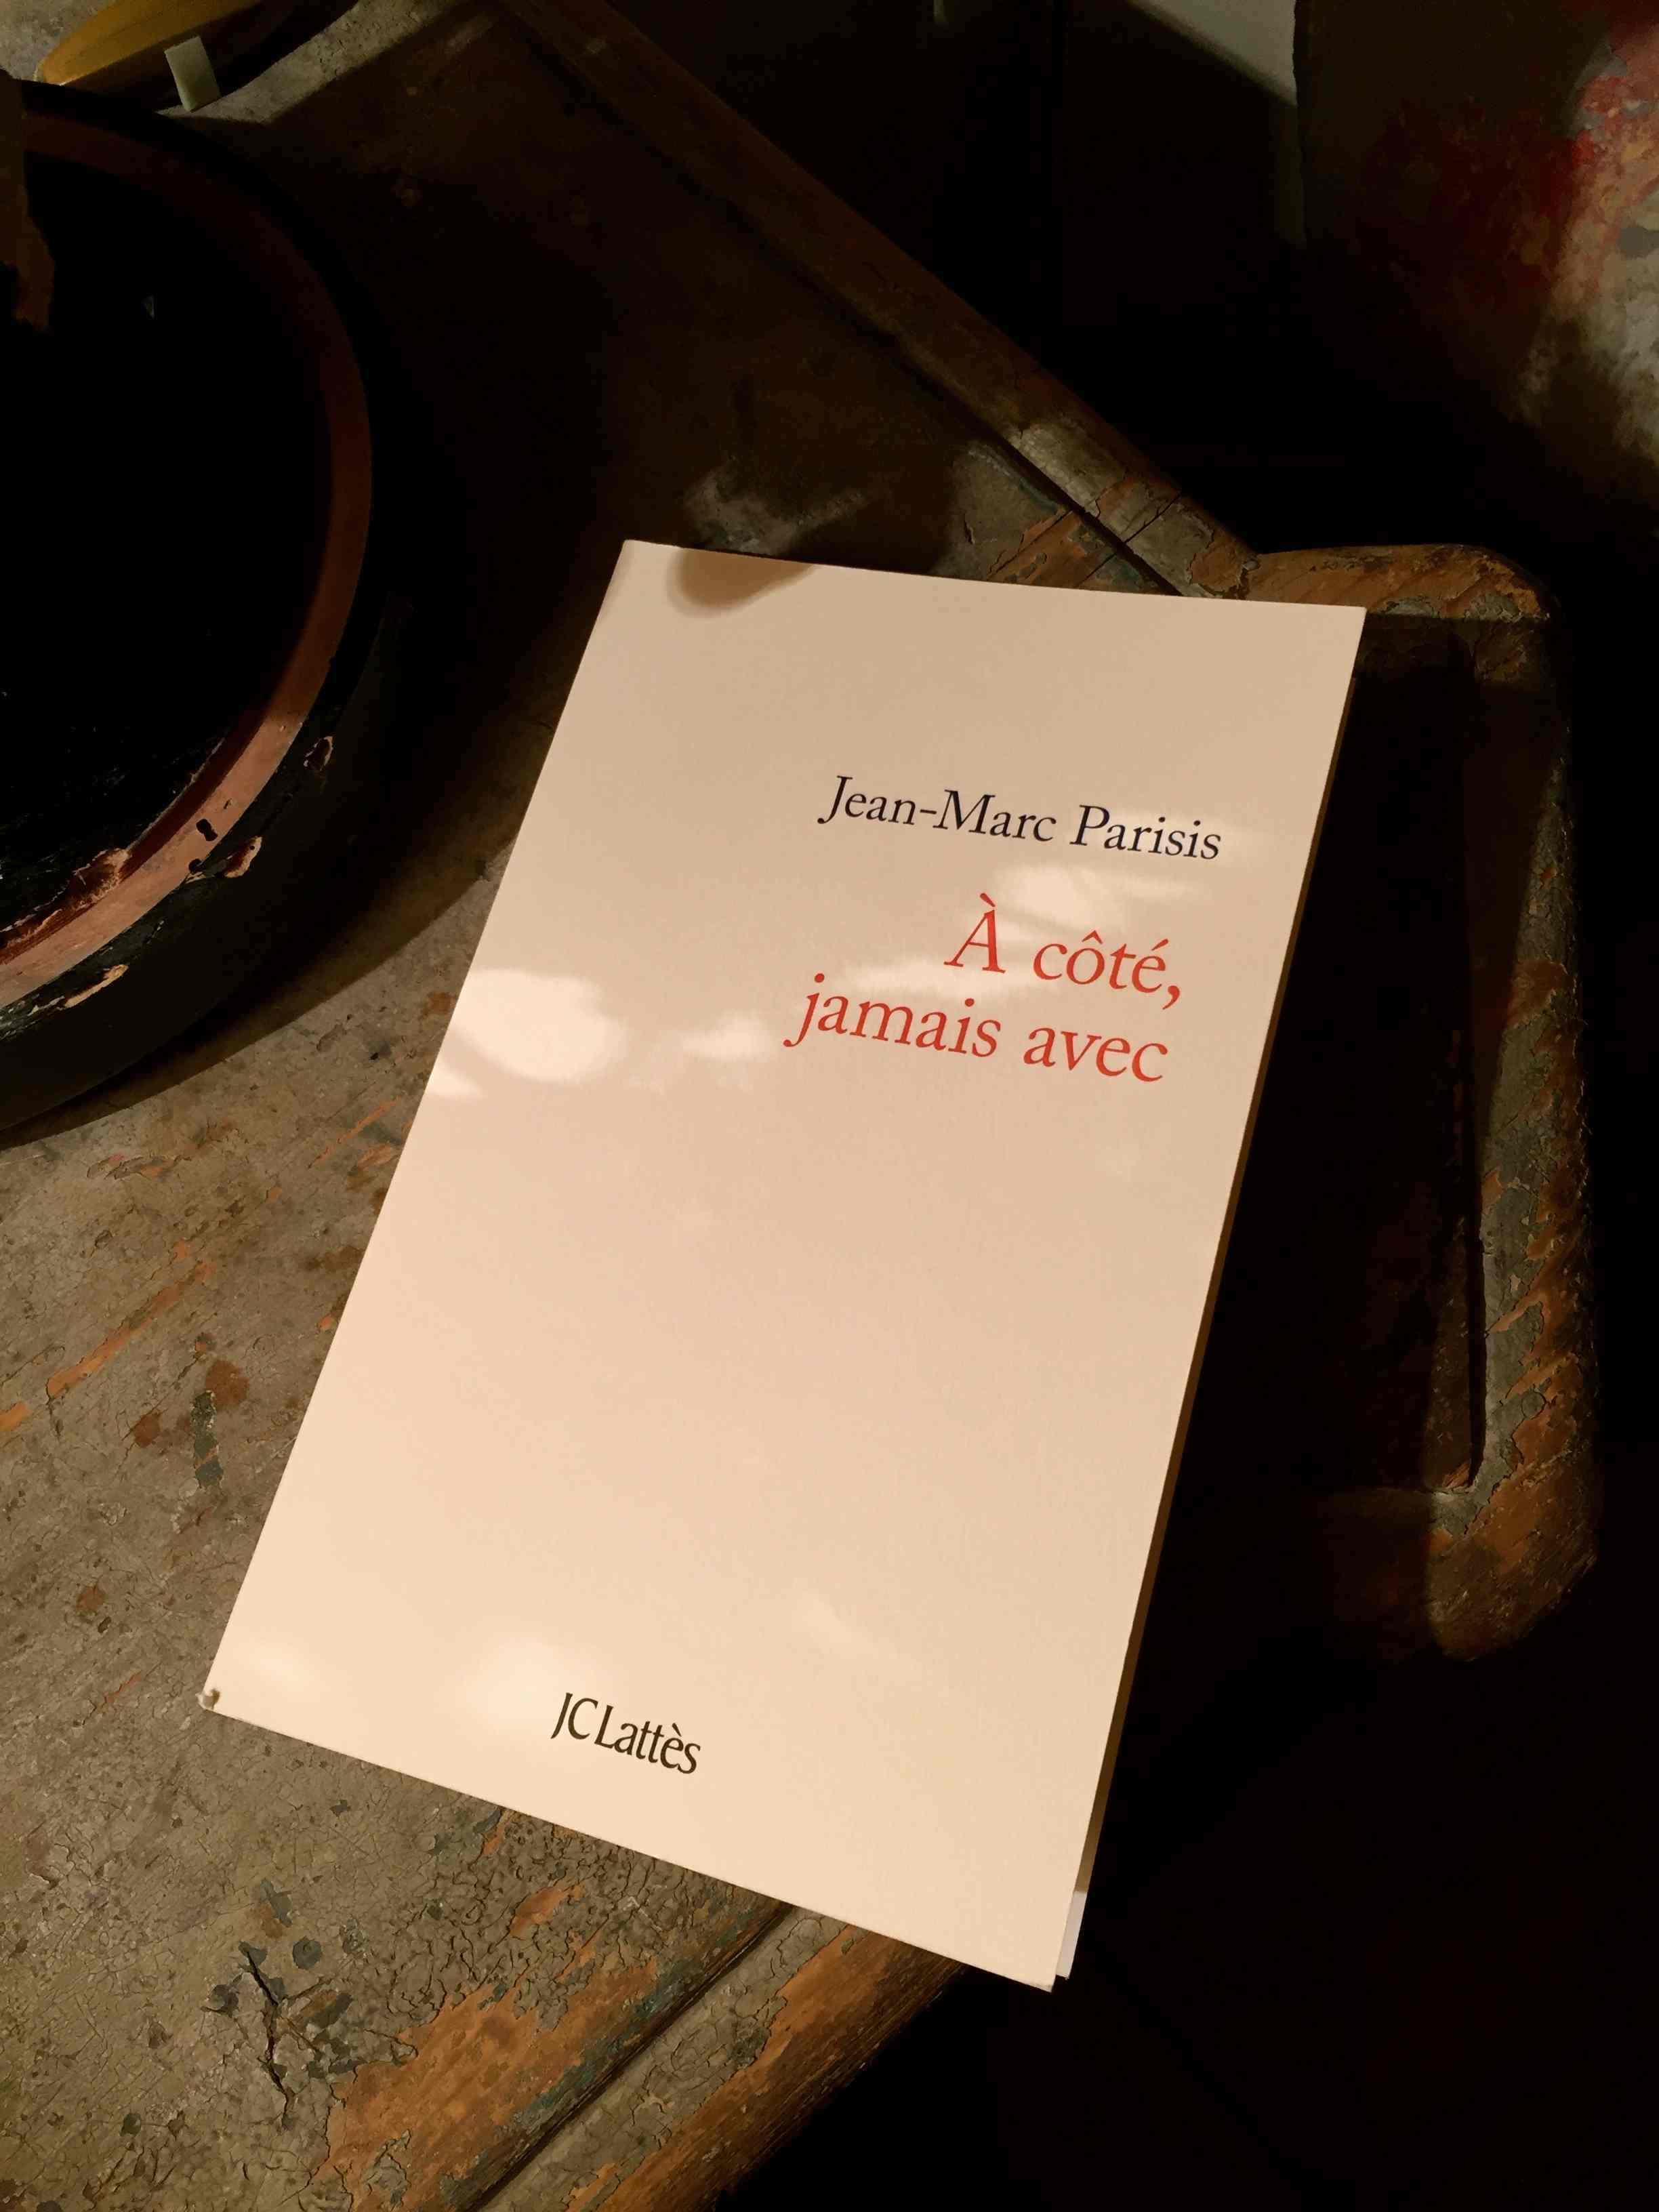 Jean-Marc Parisis.